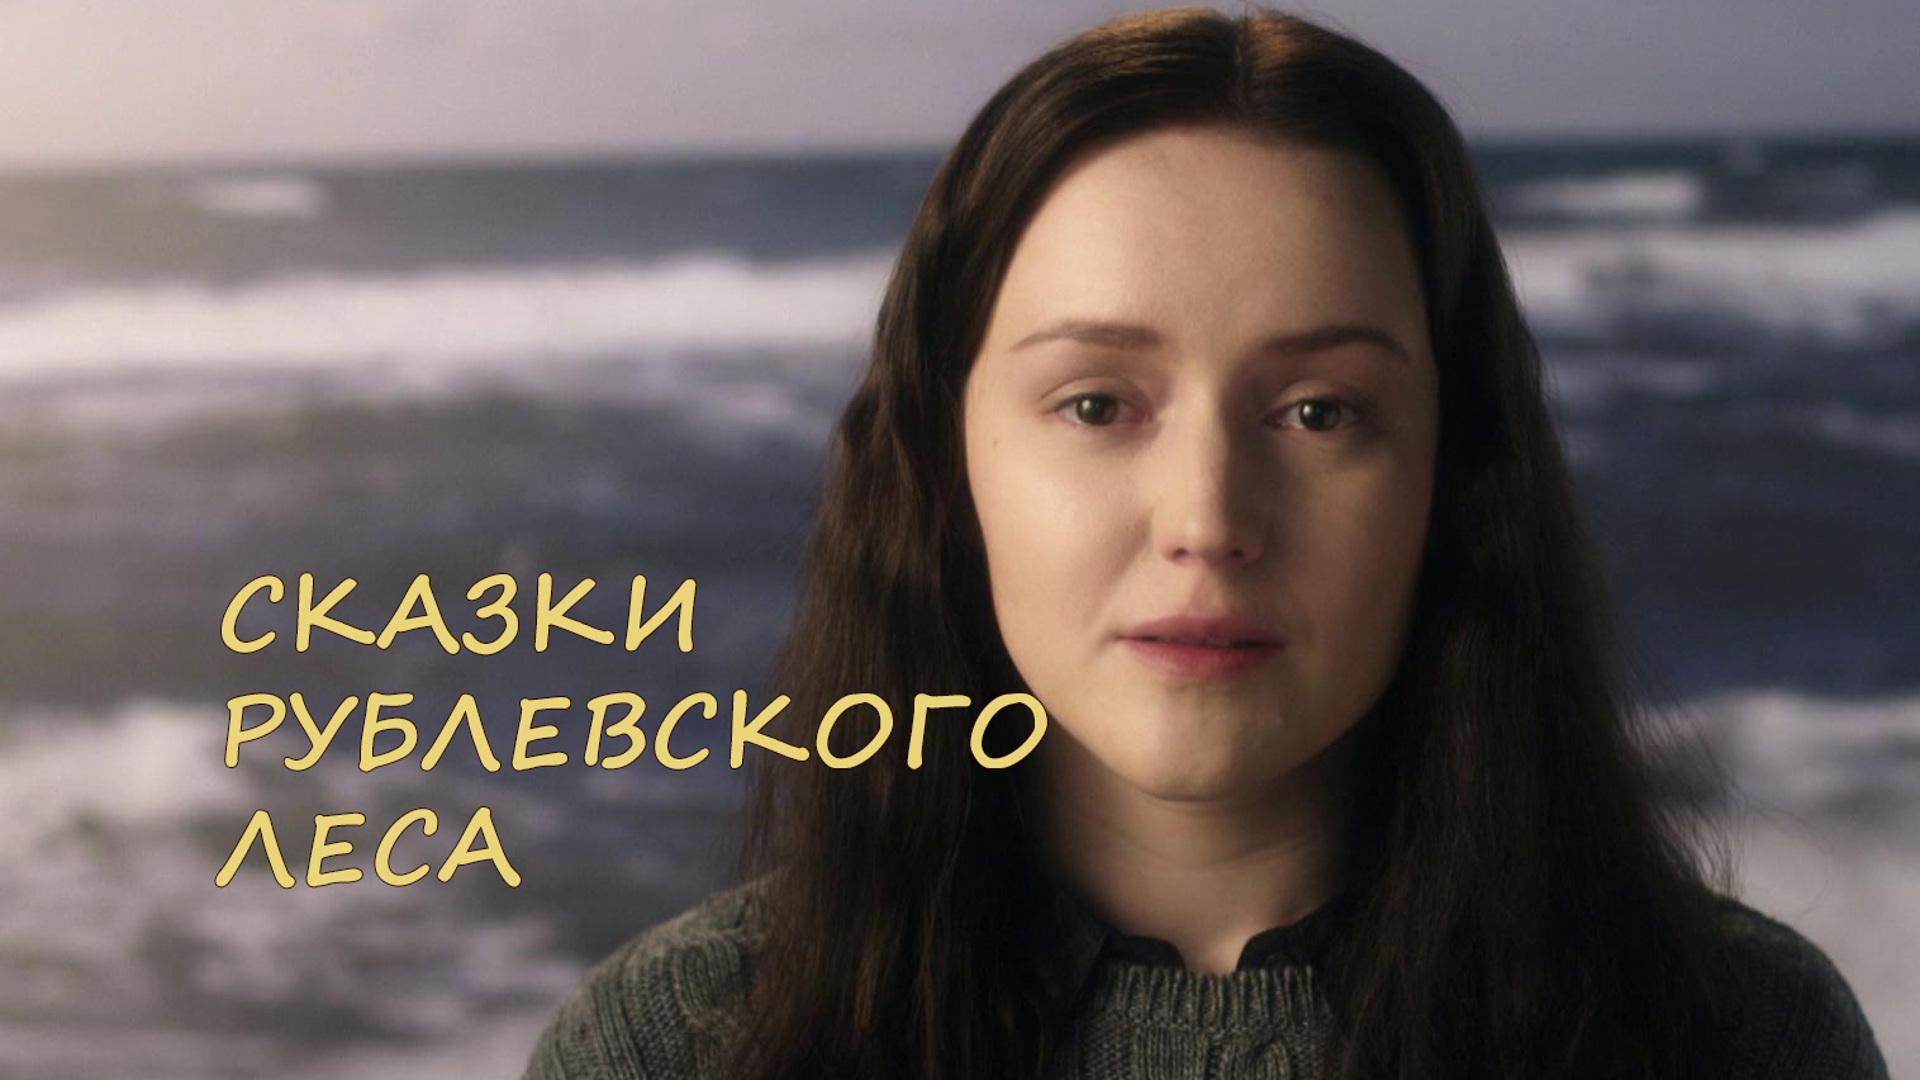 Сказки Рублевского леса